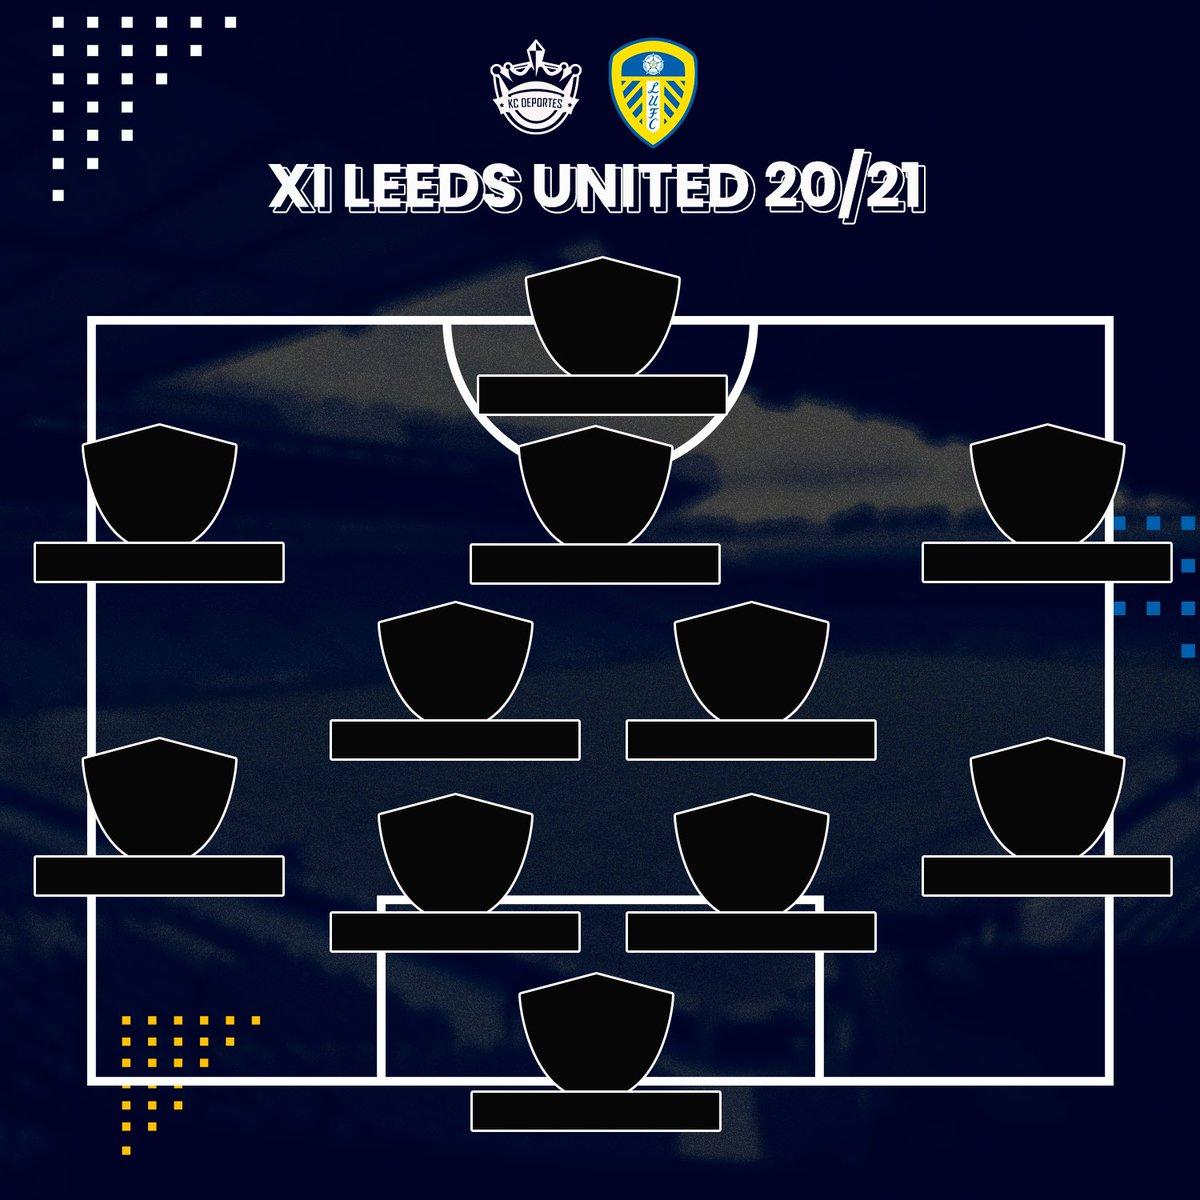 ¿Crees poder construir el mejor Leeds United posible para Marcelo Bielsa en la Premier League?   ¿Cómo mejorarías al equipo? ¿A quién vendes? ¿A quién fichas? 🧐  Yo tomé el reto y armé al Leeds United 20/21 aquí: https://t.co/gXRNcpB5vH https://t.co/58SMdFVRKD